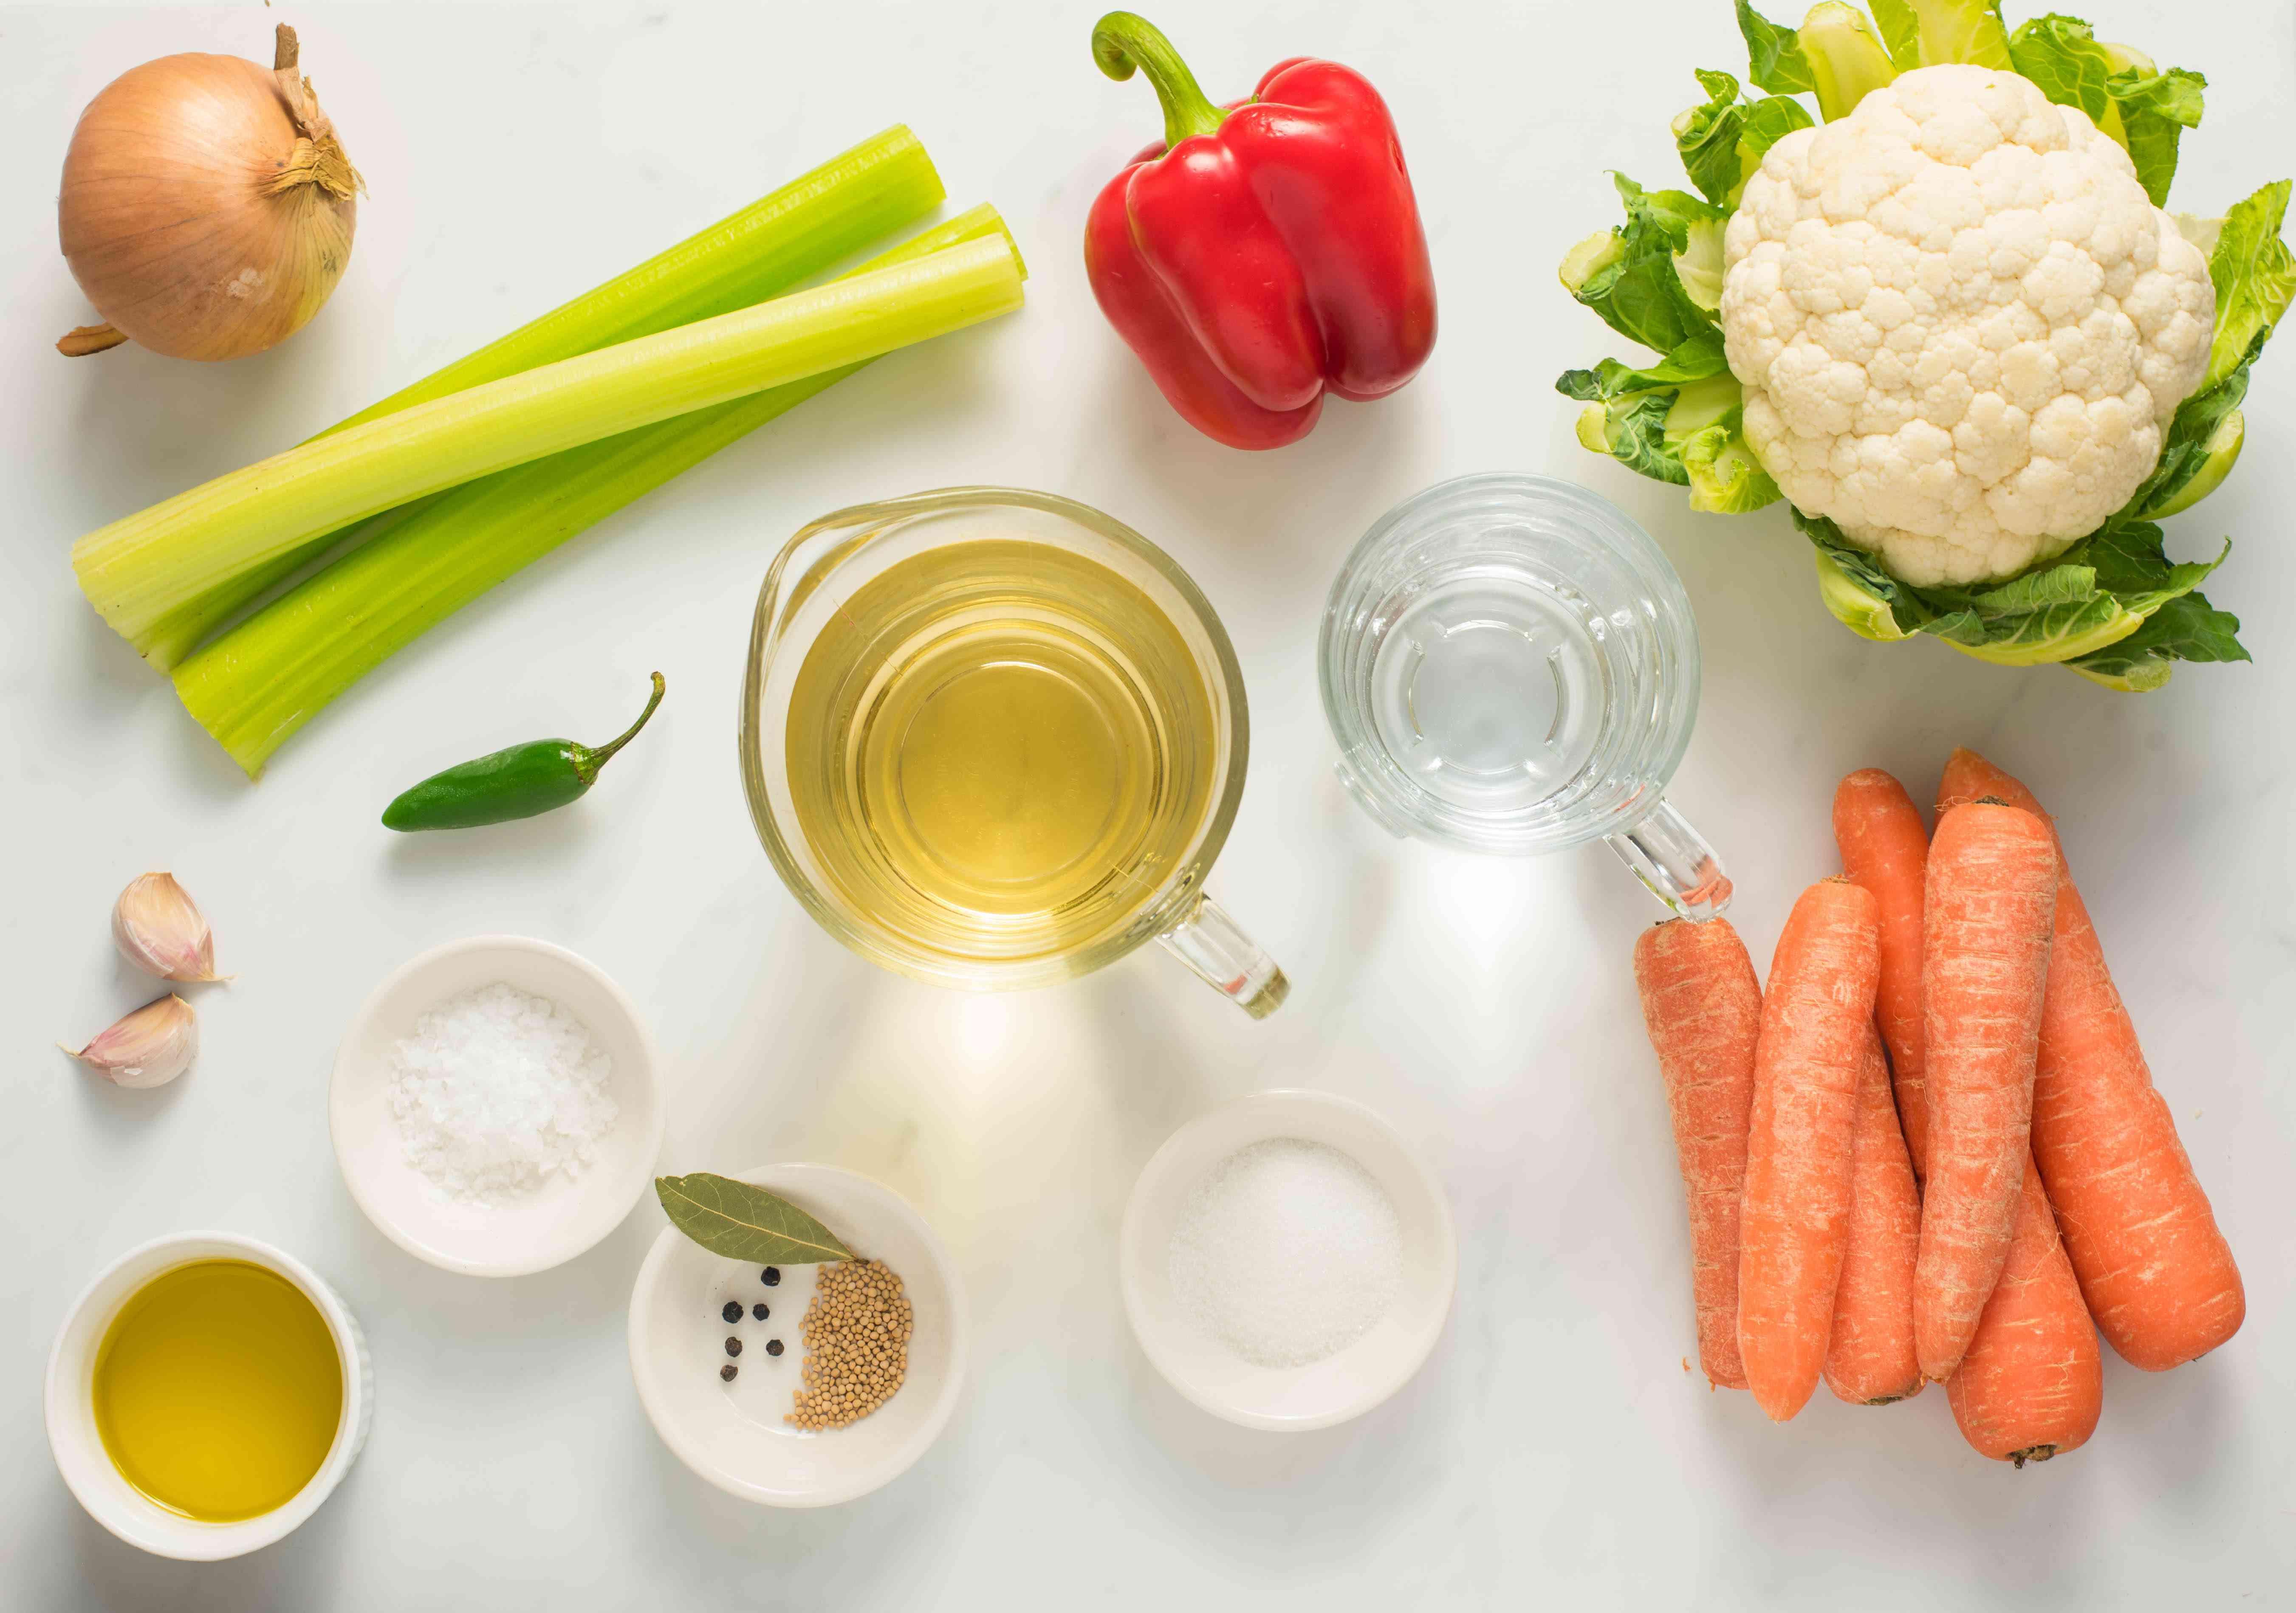 Ingredients for pickled antipasto vegetables